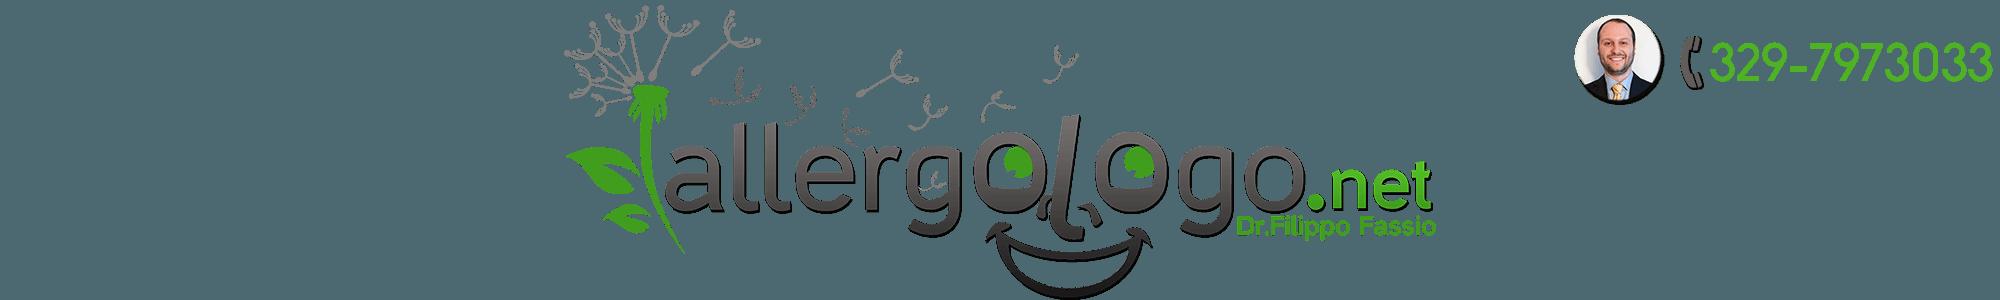 Allergologo.net